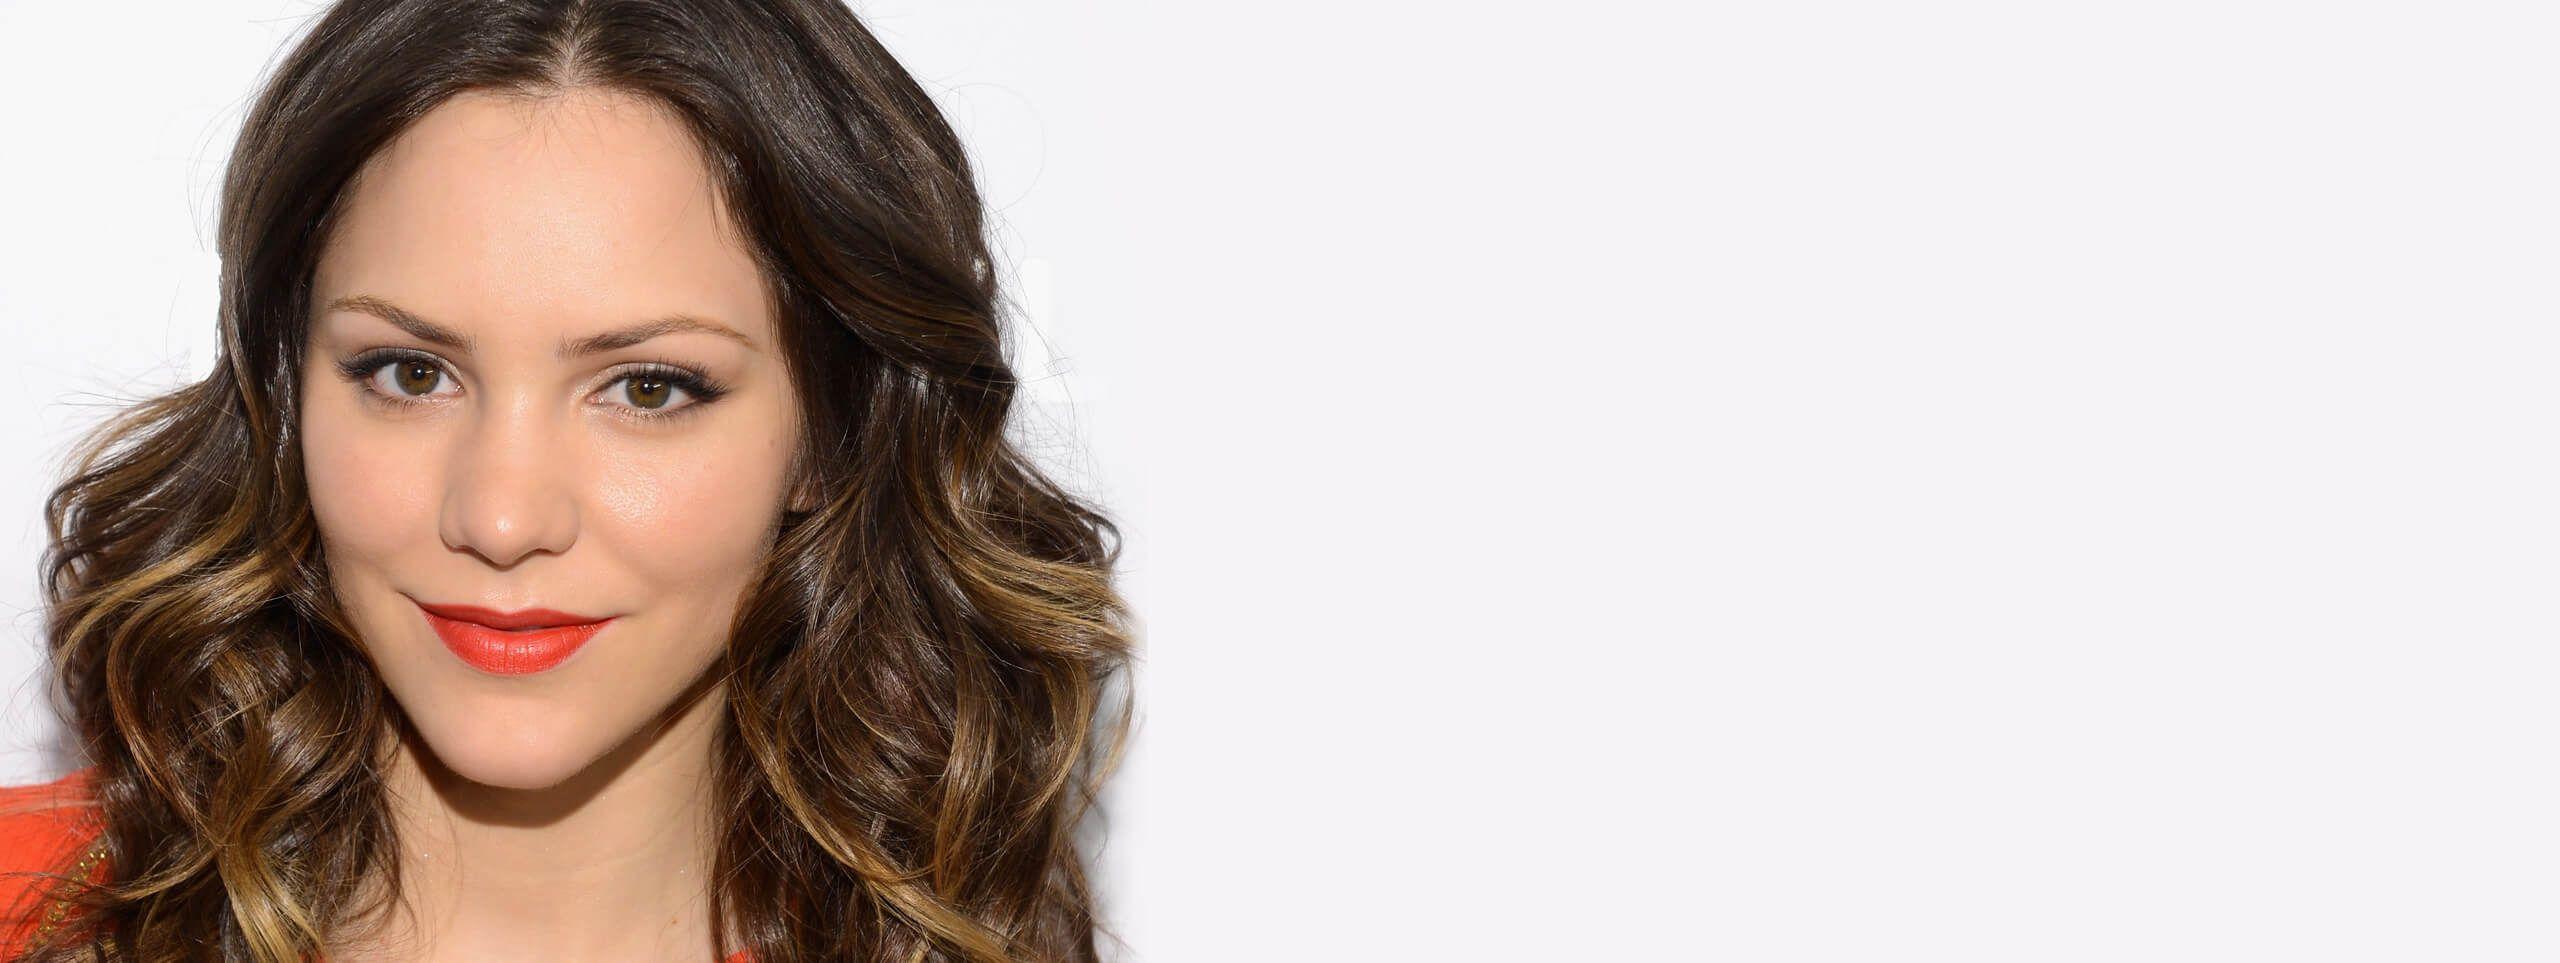 Modella con acconciatura capelli ricci castani